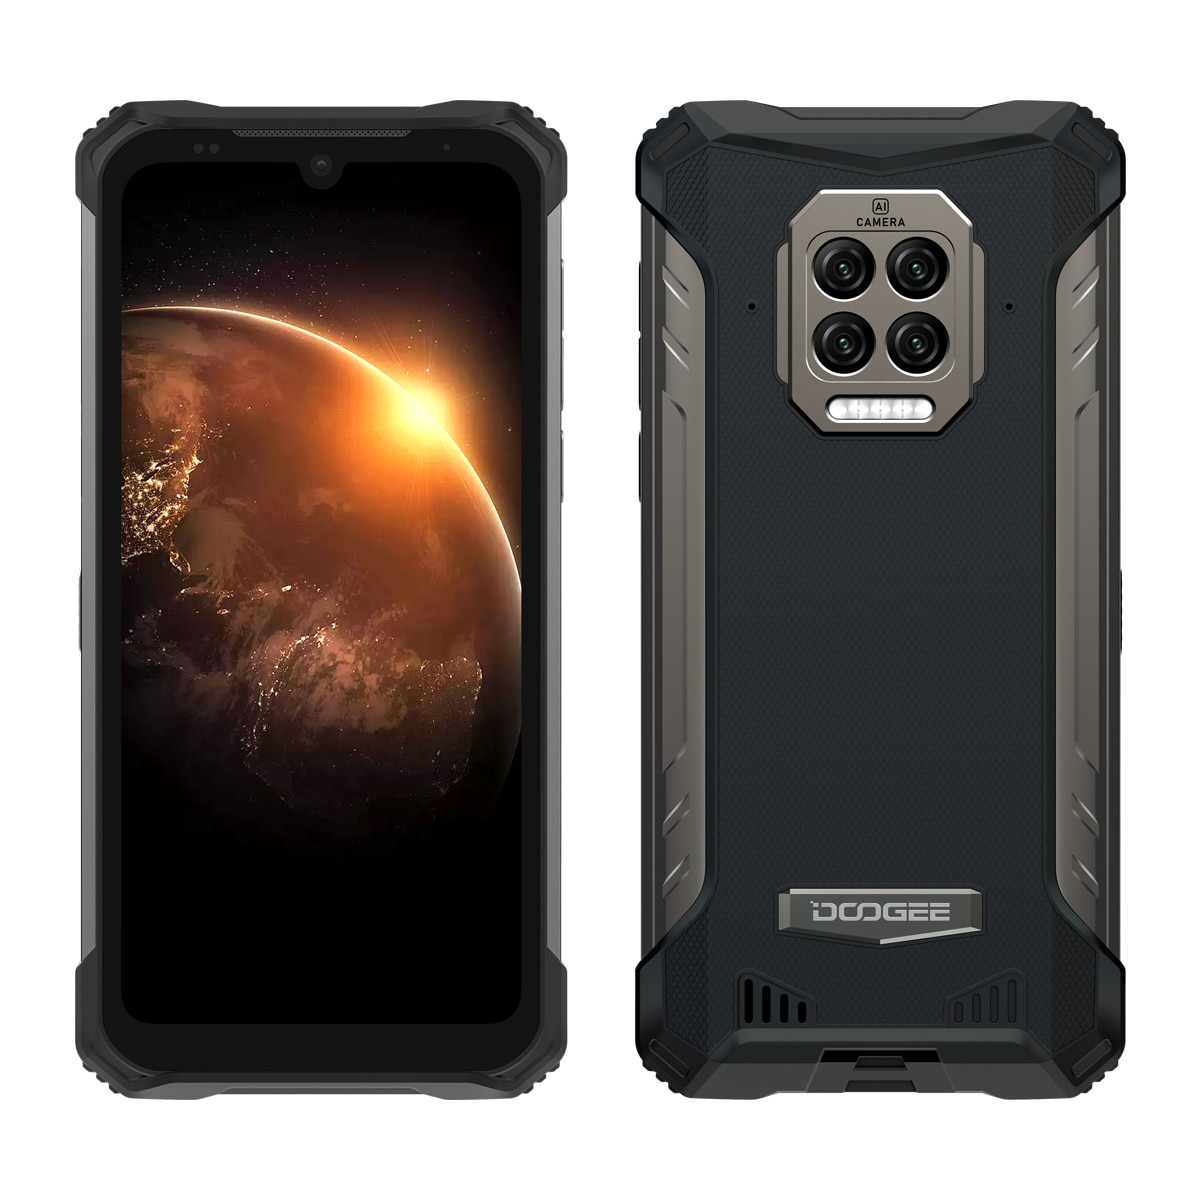 DOOGEE S86 Pro Прочный смартфон с восьмиядерным процессором, 8 ГБ + 128 ГБ, инфракрасный термометр, мобильный телефон, смартфон HelioP60